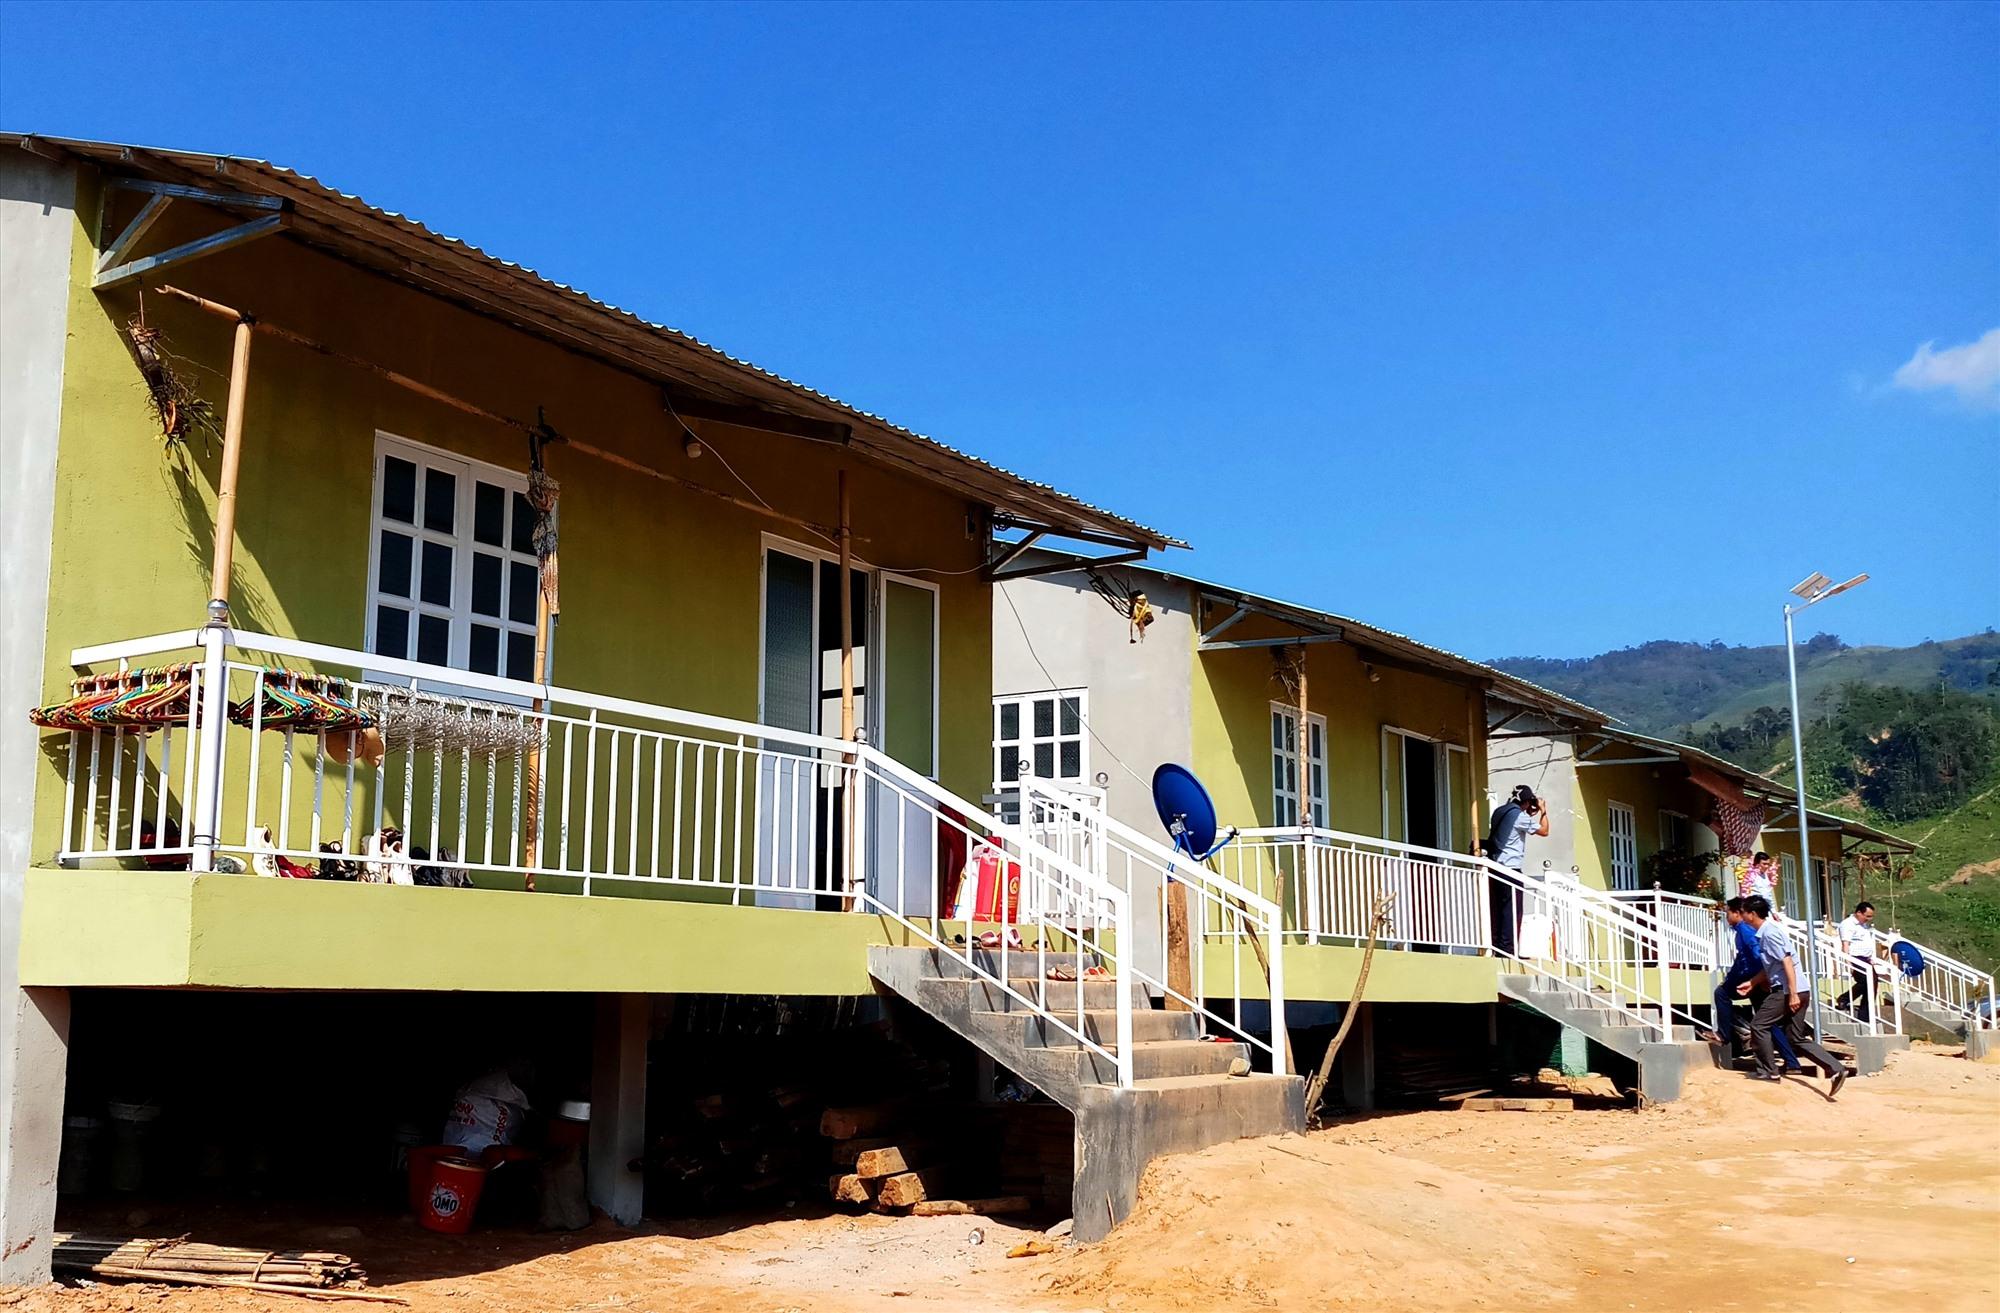 Những ngôi nhà mới xinh xắn được xây dựng cho đồng bào Ca Dong ở nóc Ông Sinh trên phần đất được người dân địa phương hiến tặng. Ảnh: A.N